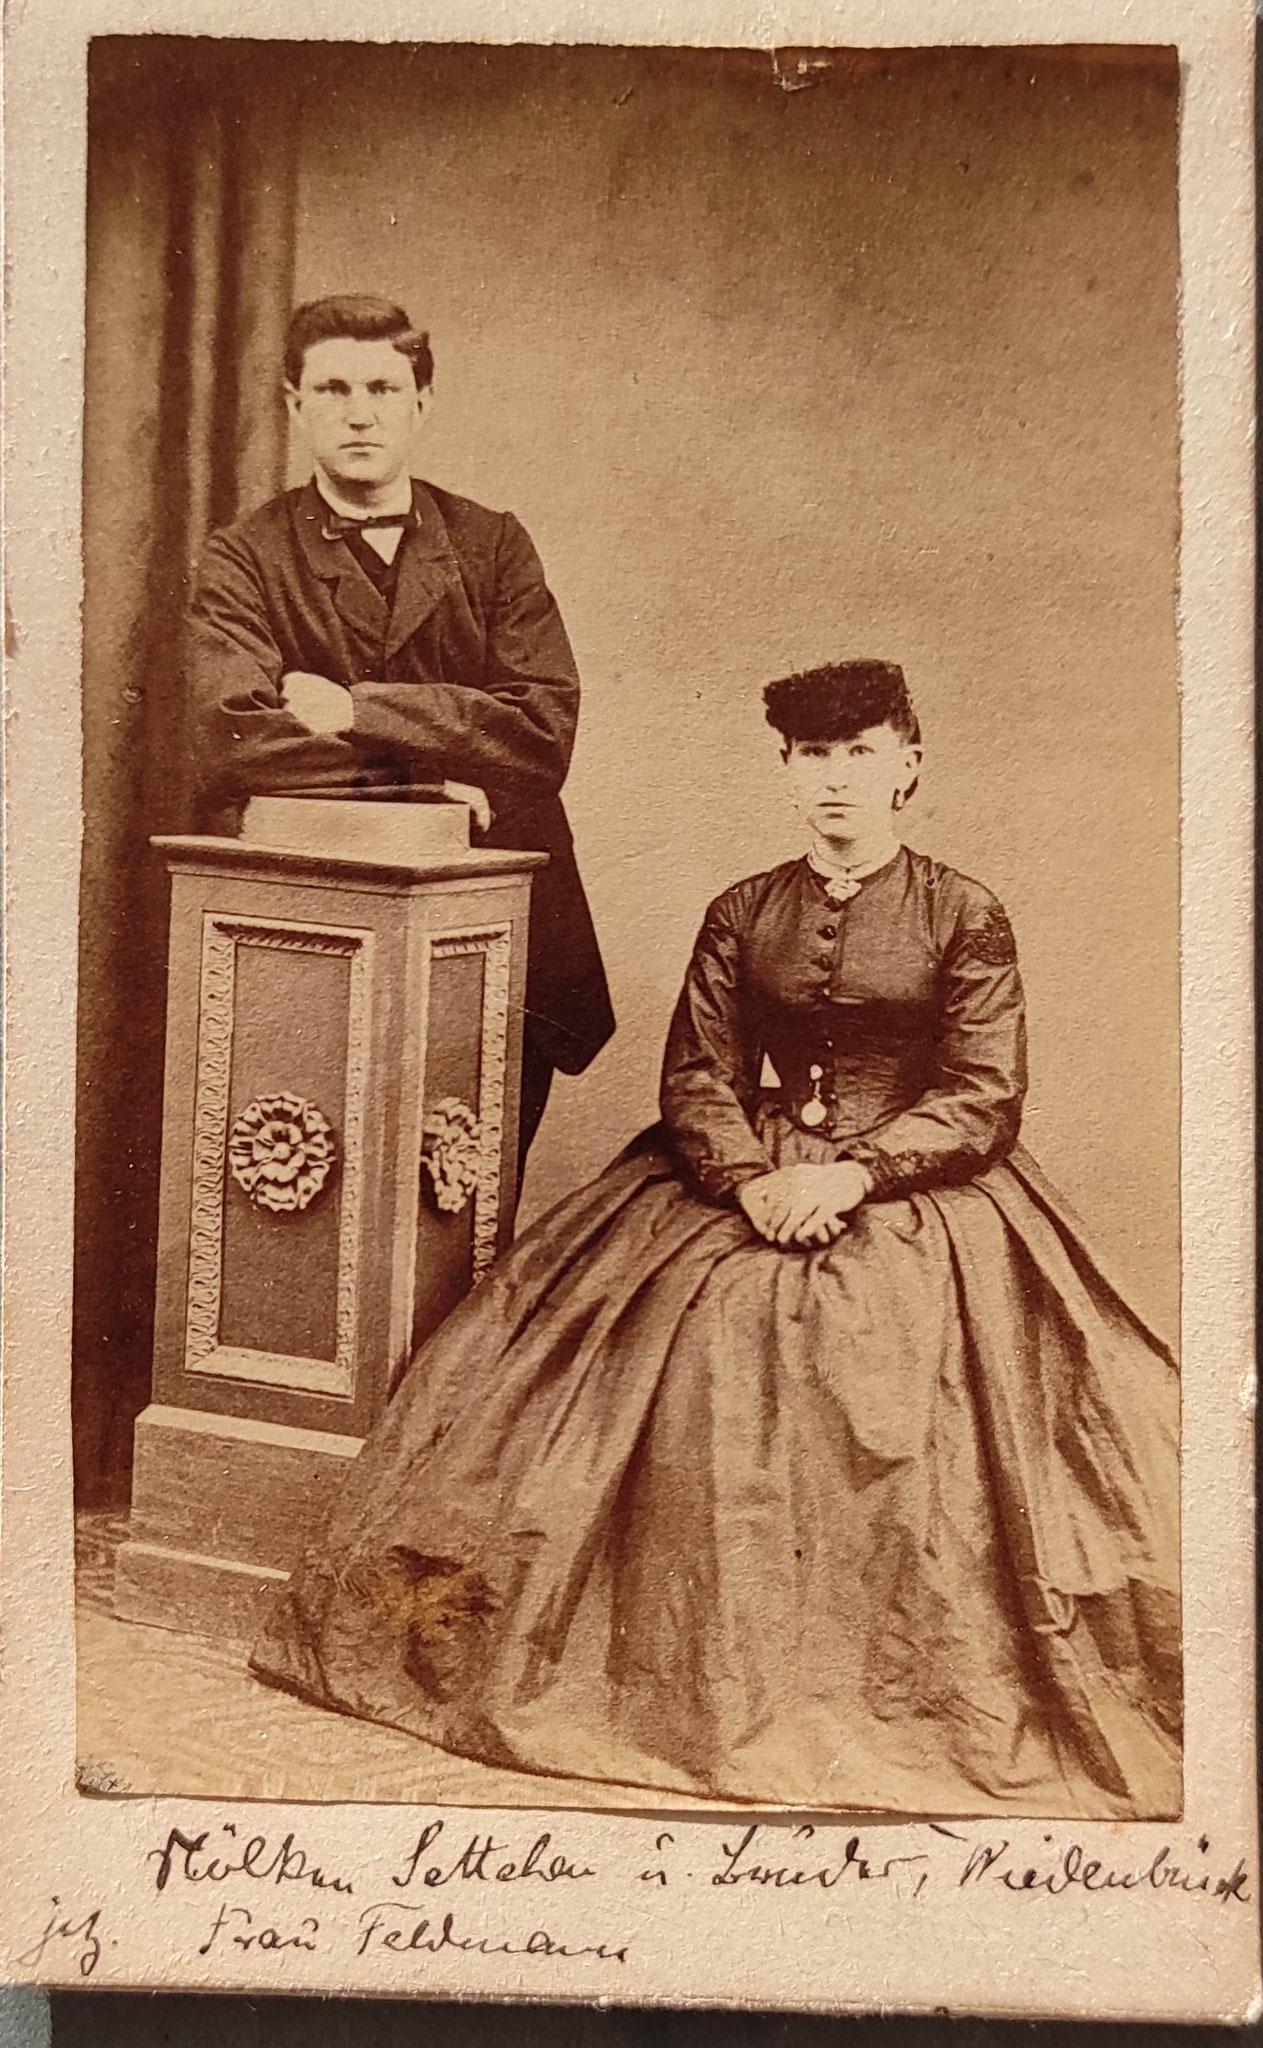 Elisabeth Nölke, geboren 06.12.1847 und Bruder